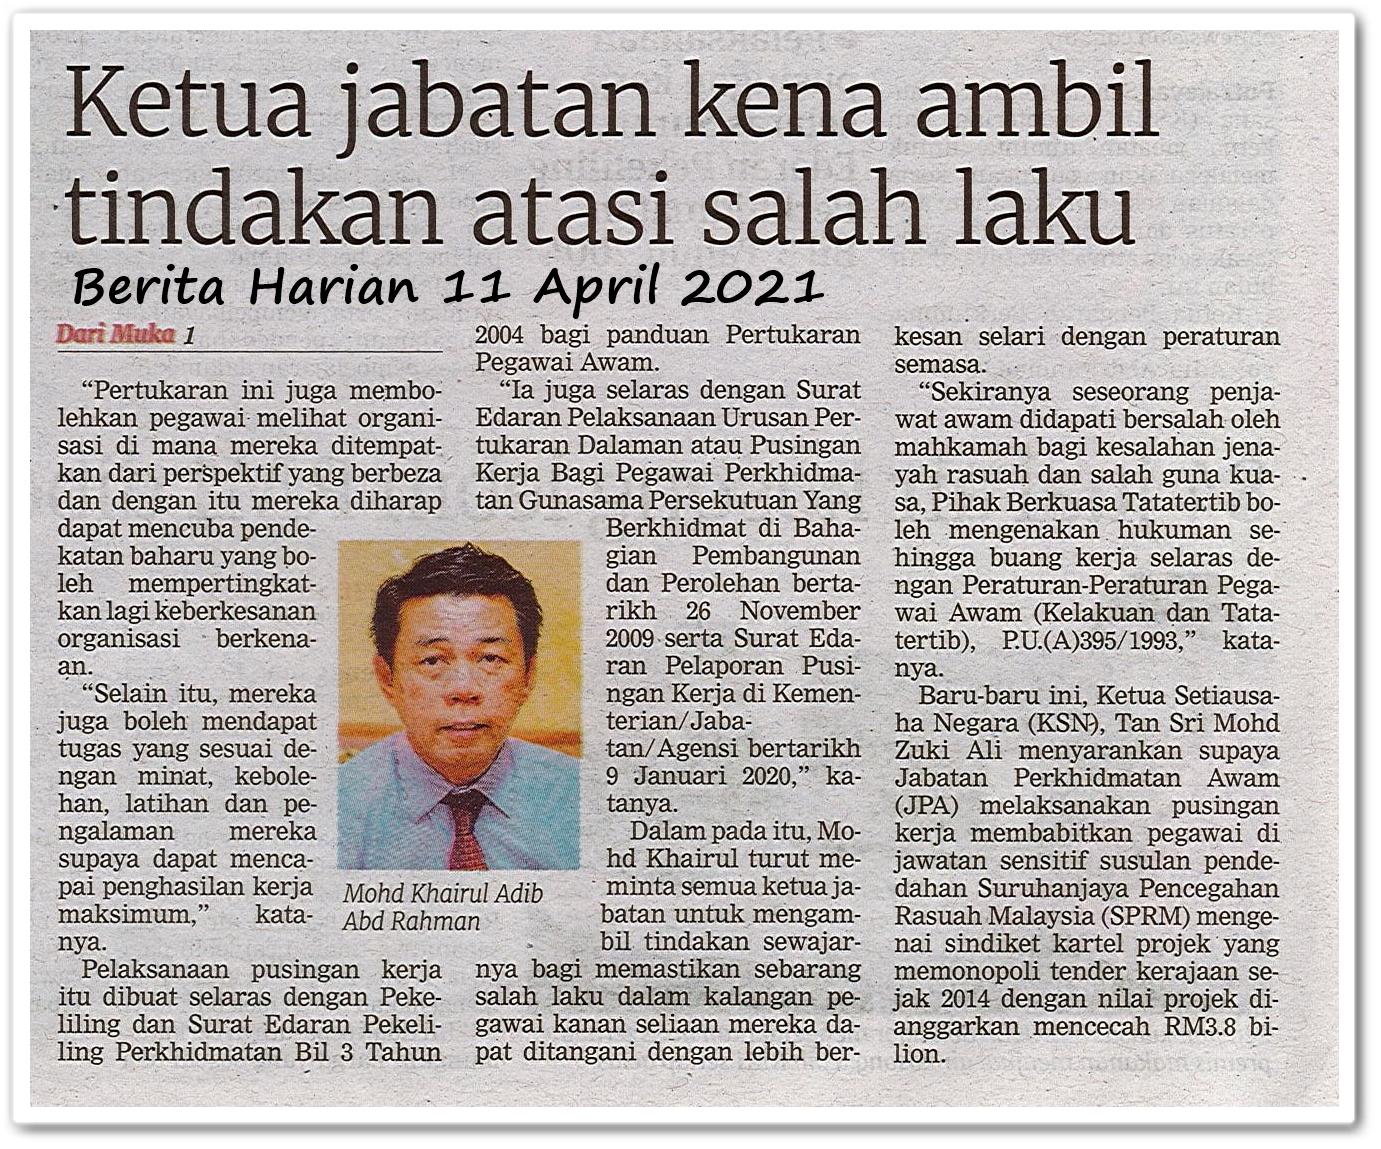 KSU, KP perlu laksana arahan akhir bulan ini - Keratan akhbar Berita Harian 11 April 2021